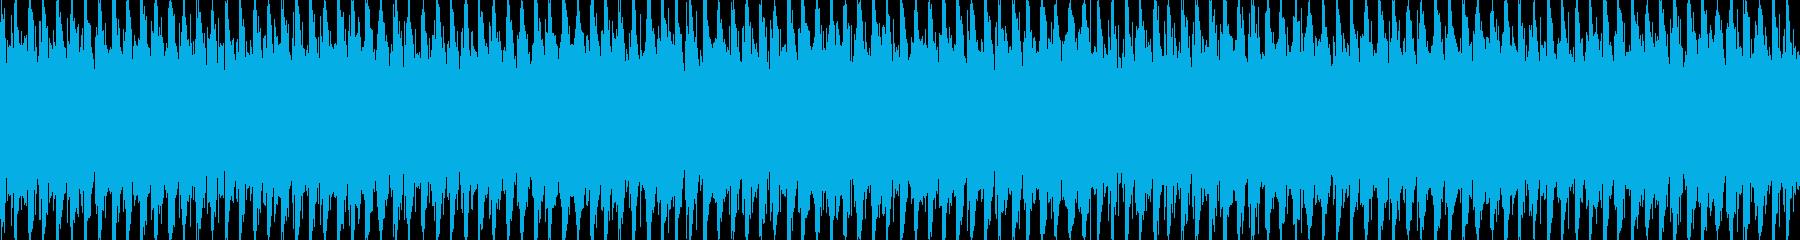 Ambient Technoの再生済みの波形